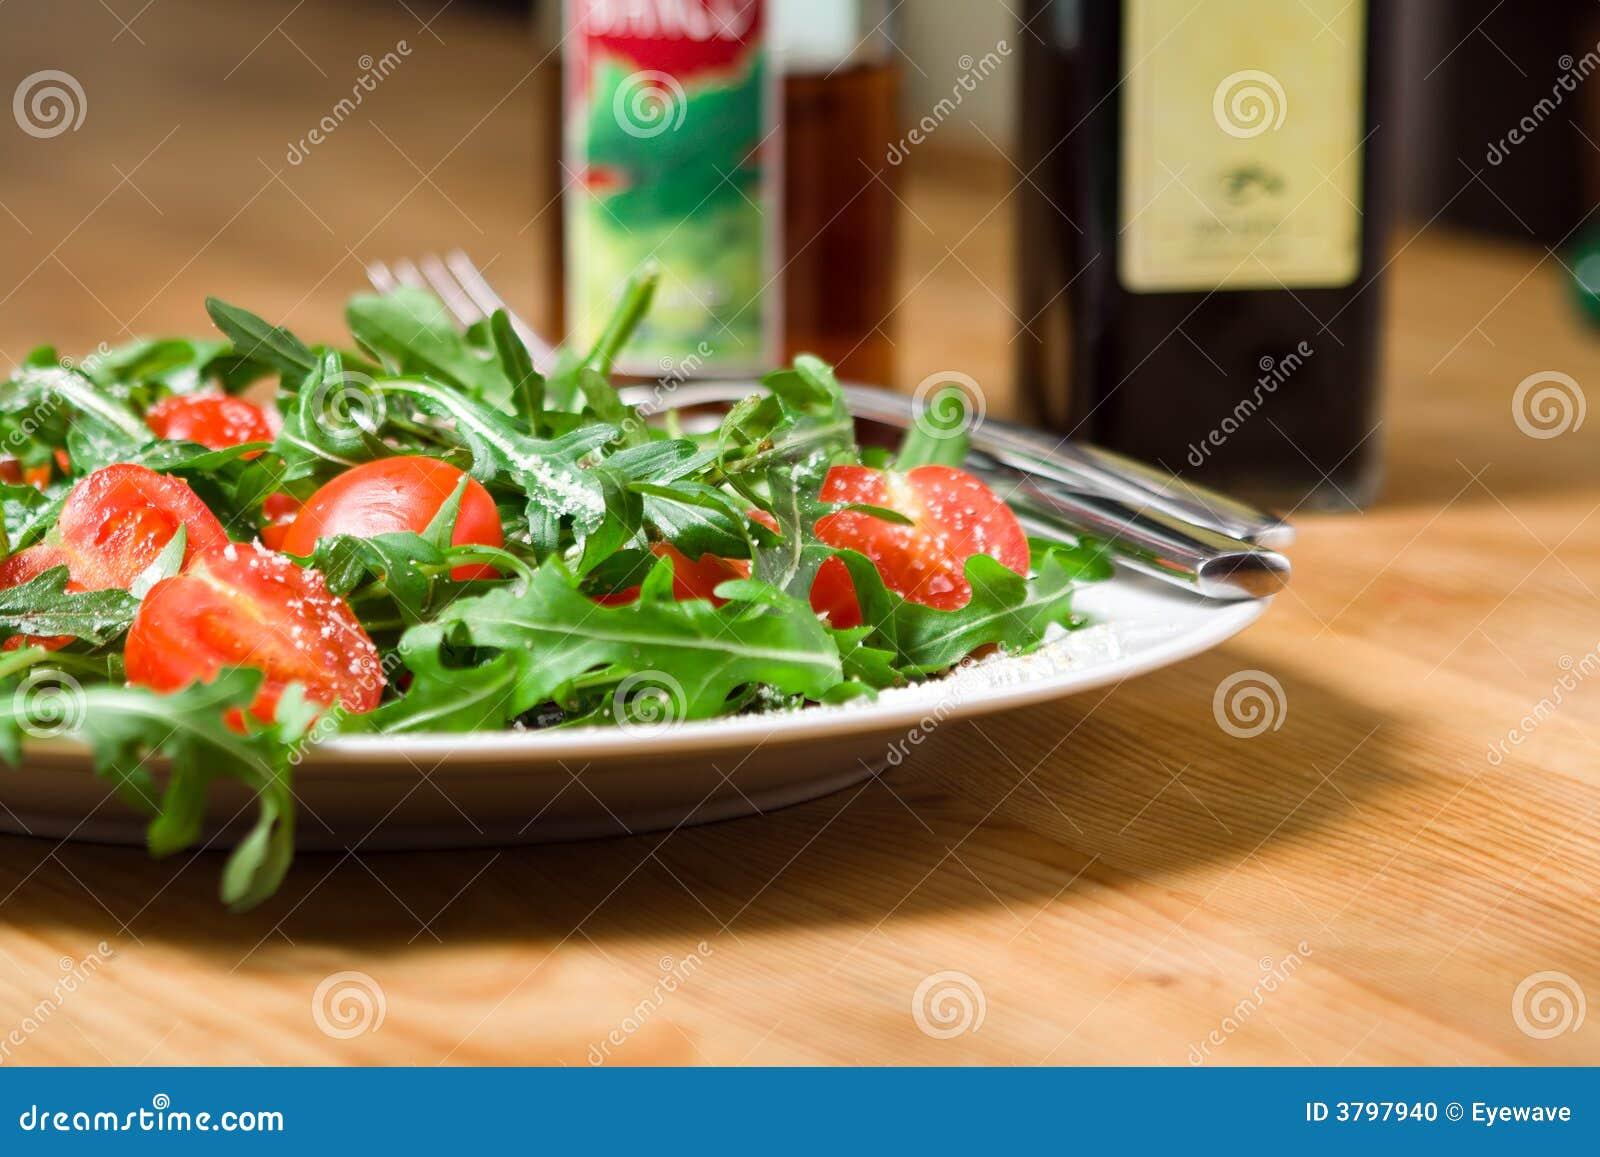 ντομάτες σαλάτας rucola